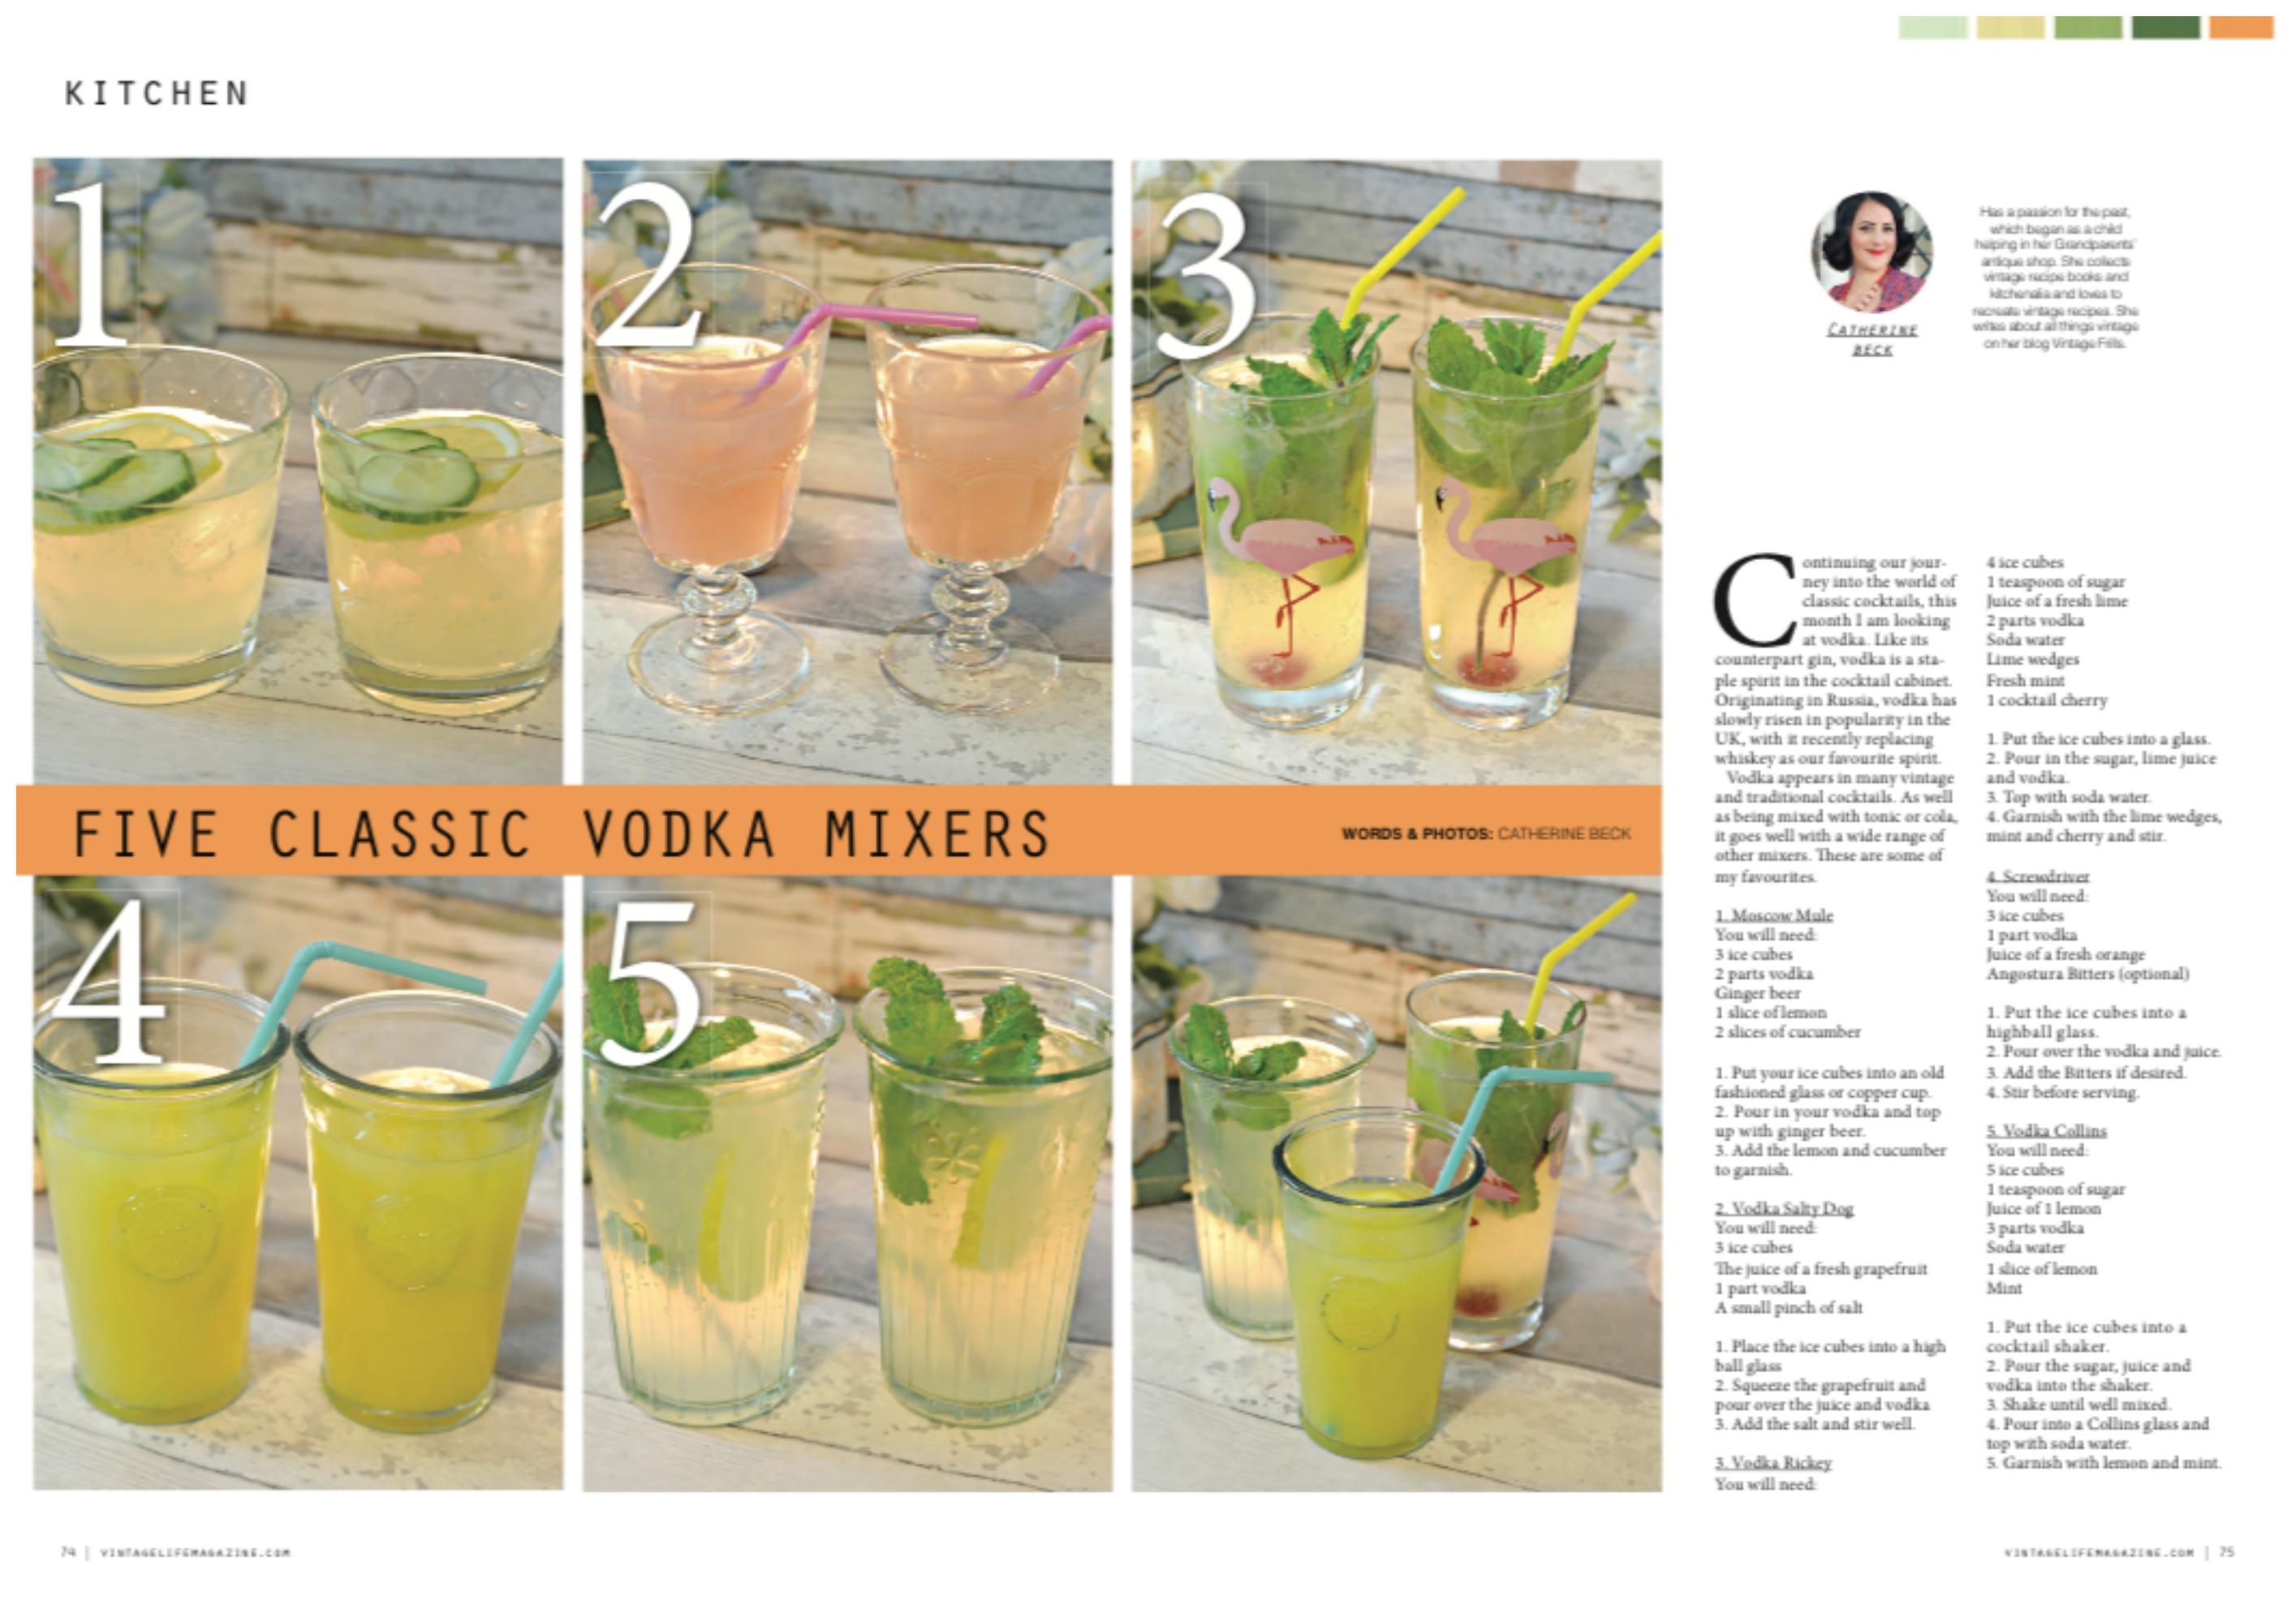 Vodka Mixers